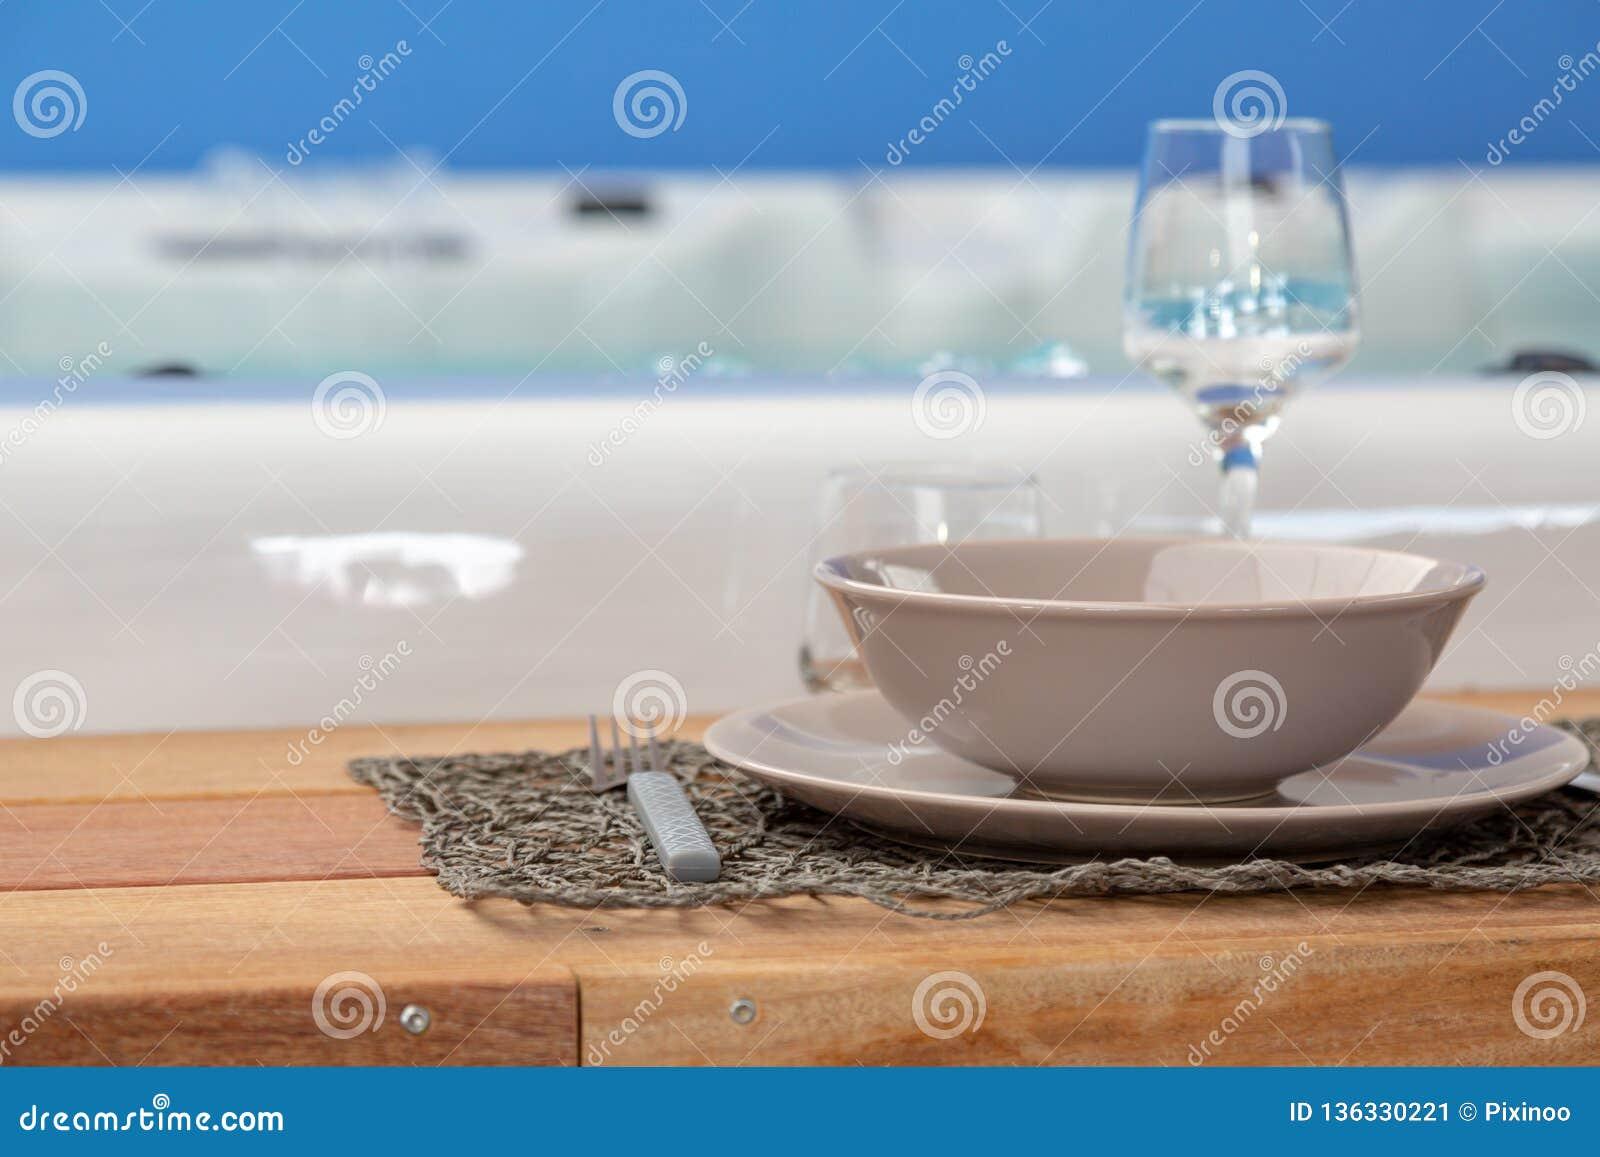 Quadro de madeira em torno de um Jacuzzi com faqueiro para jantares luxuosos